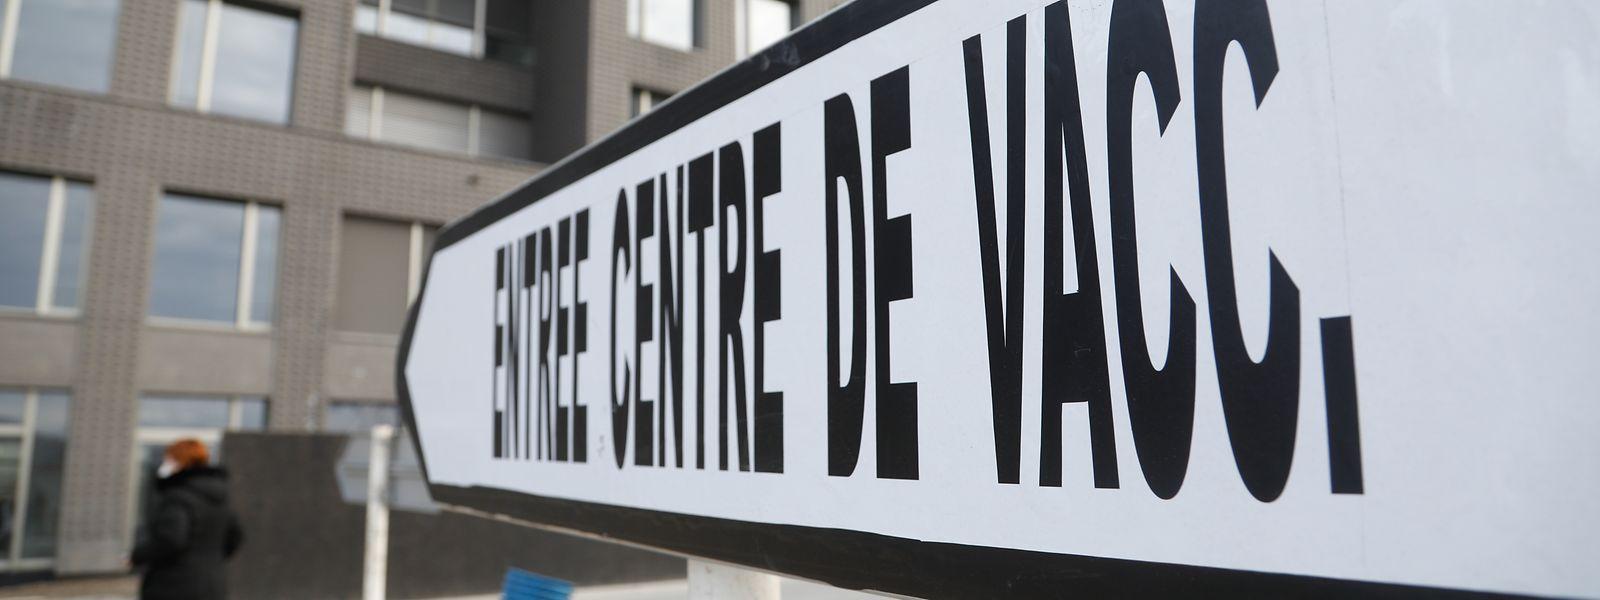 Centro de vacinação contra a covid-19 em Esch-Belval já está em funcionamento.